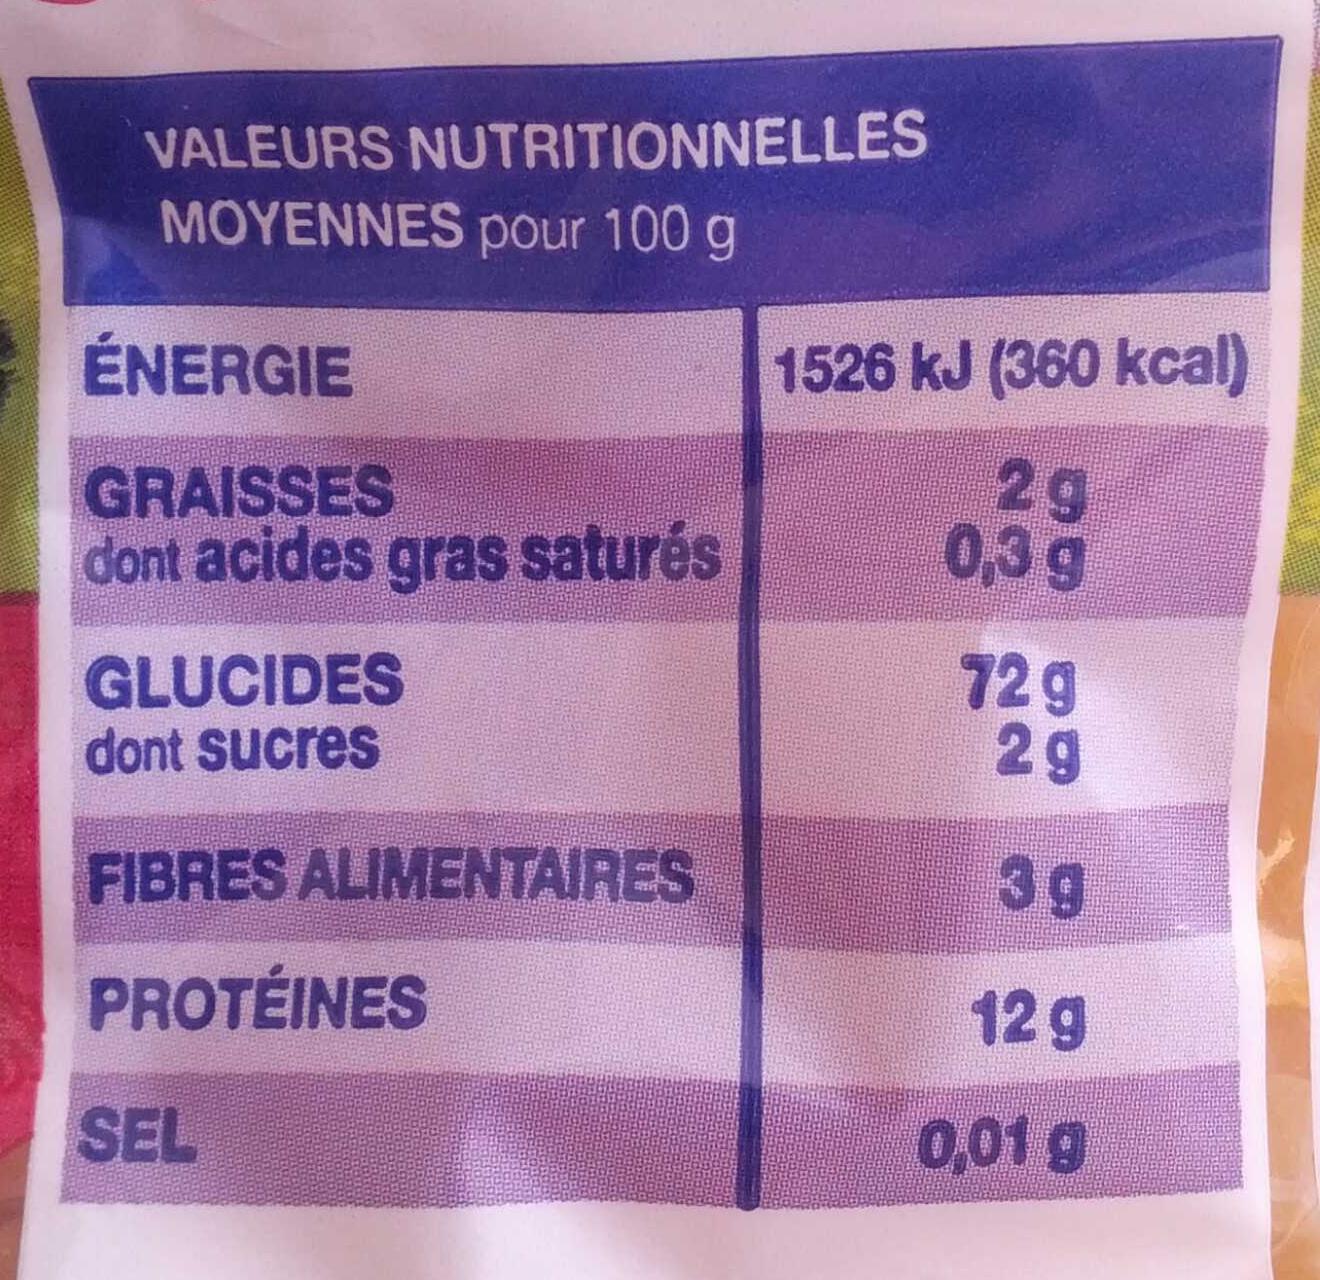 Pâtes de Savoie, Frisettes - Nutrition facts - fr